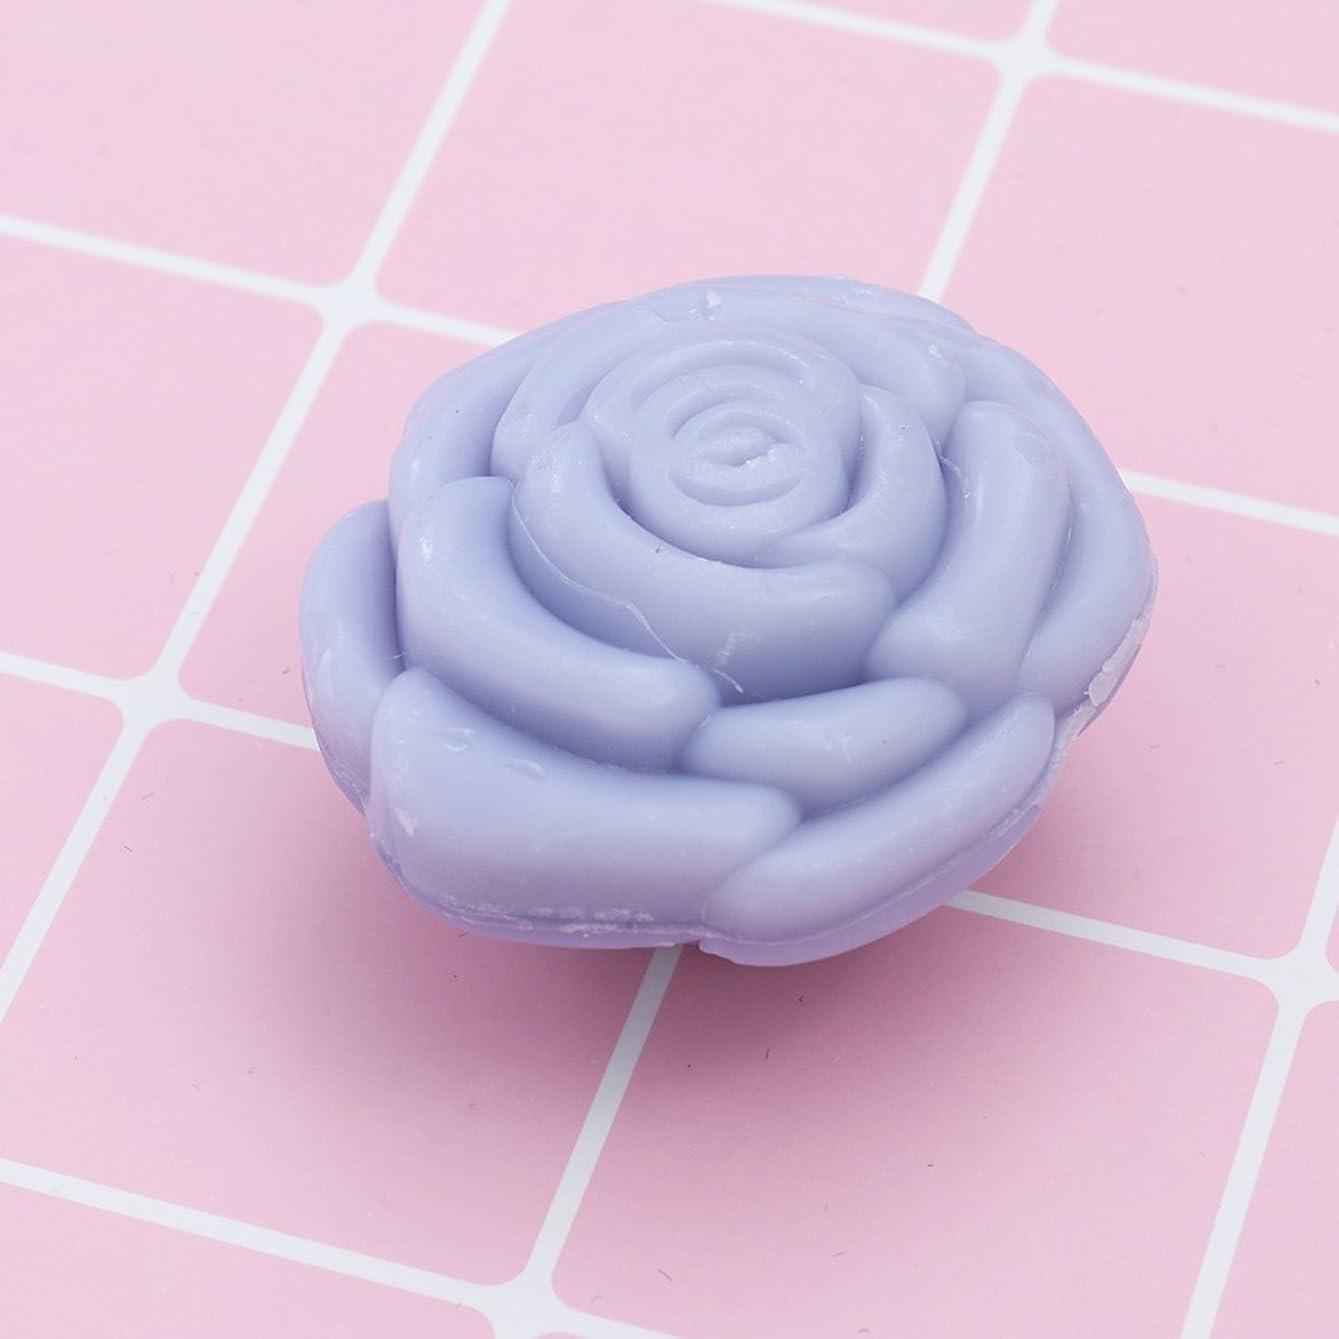 トランクライブラリスタウト放棄されたAmosfun 手作り石鹸オイルローズフラワーソープアロマエッセンシャルオイルギフト記念日誕生日結婚式バレンタインデー(紫)20ピース